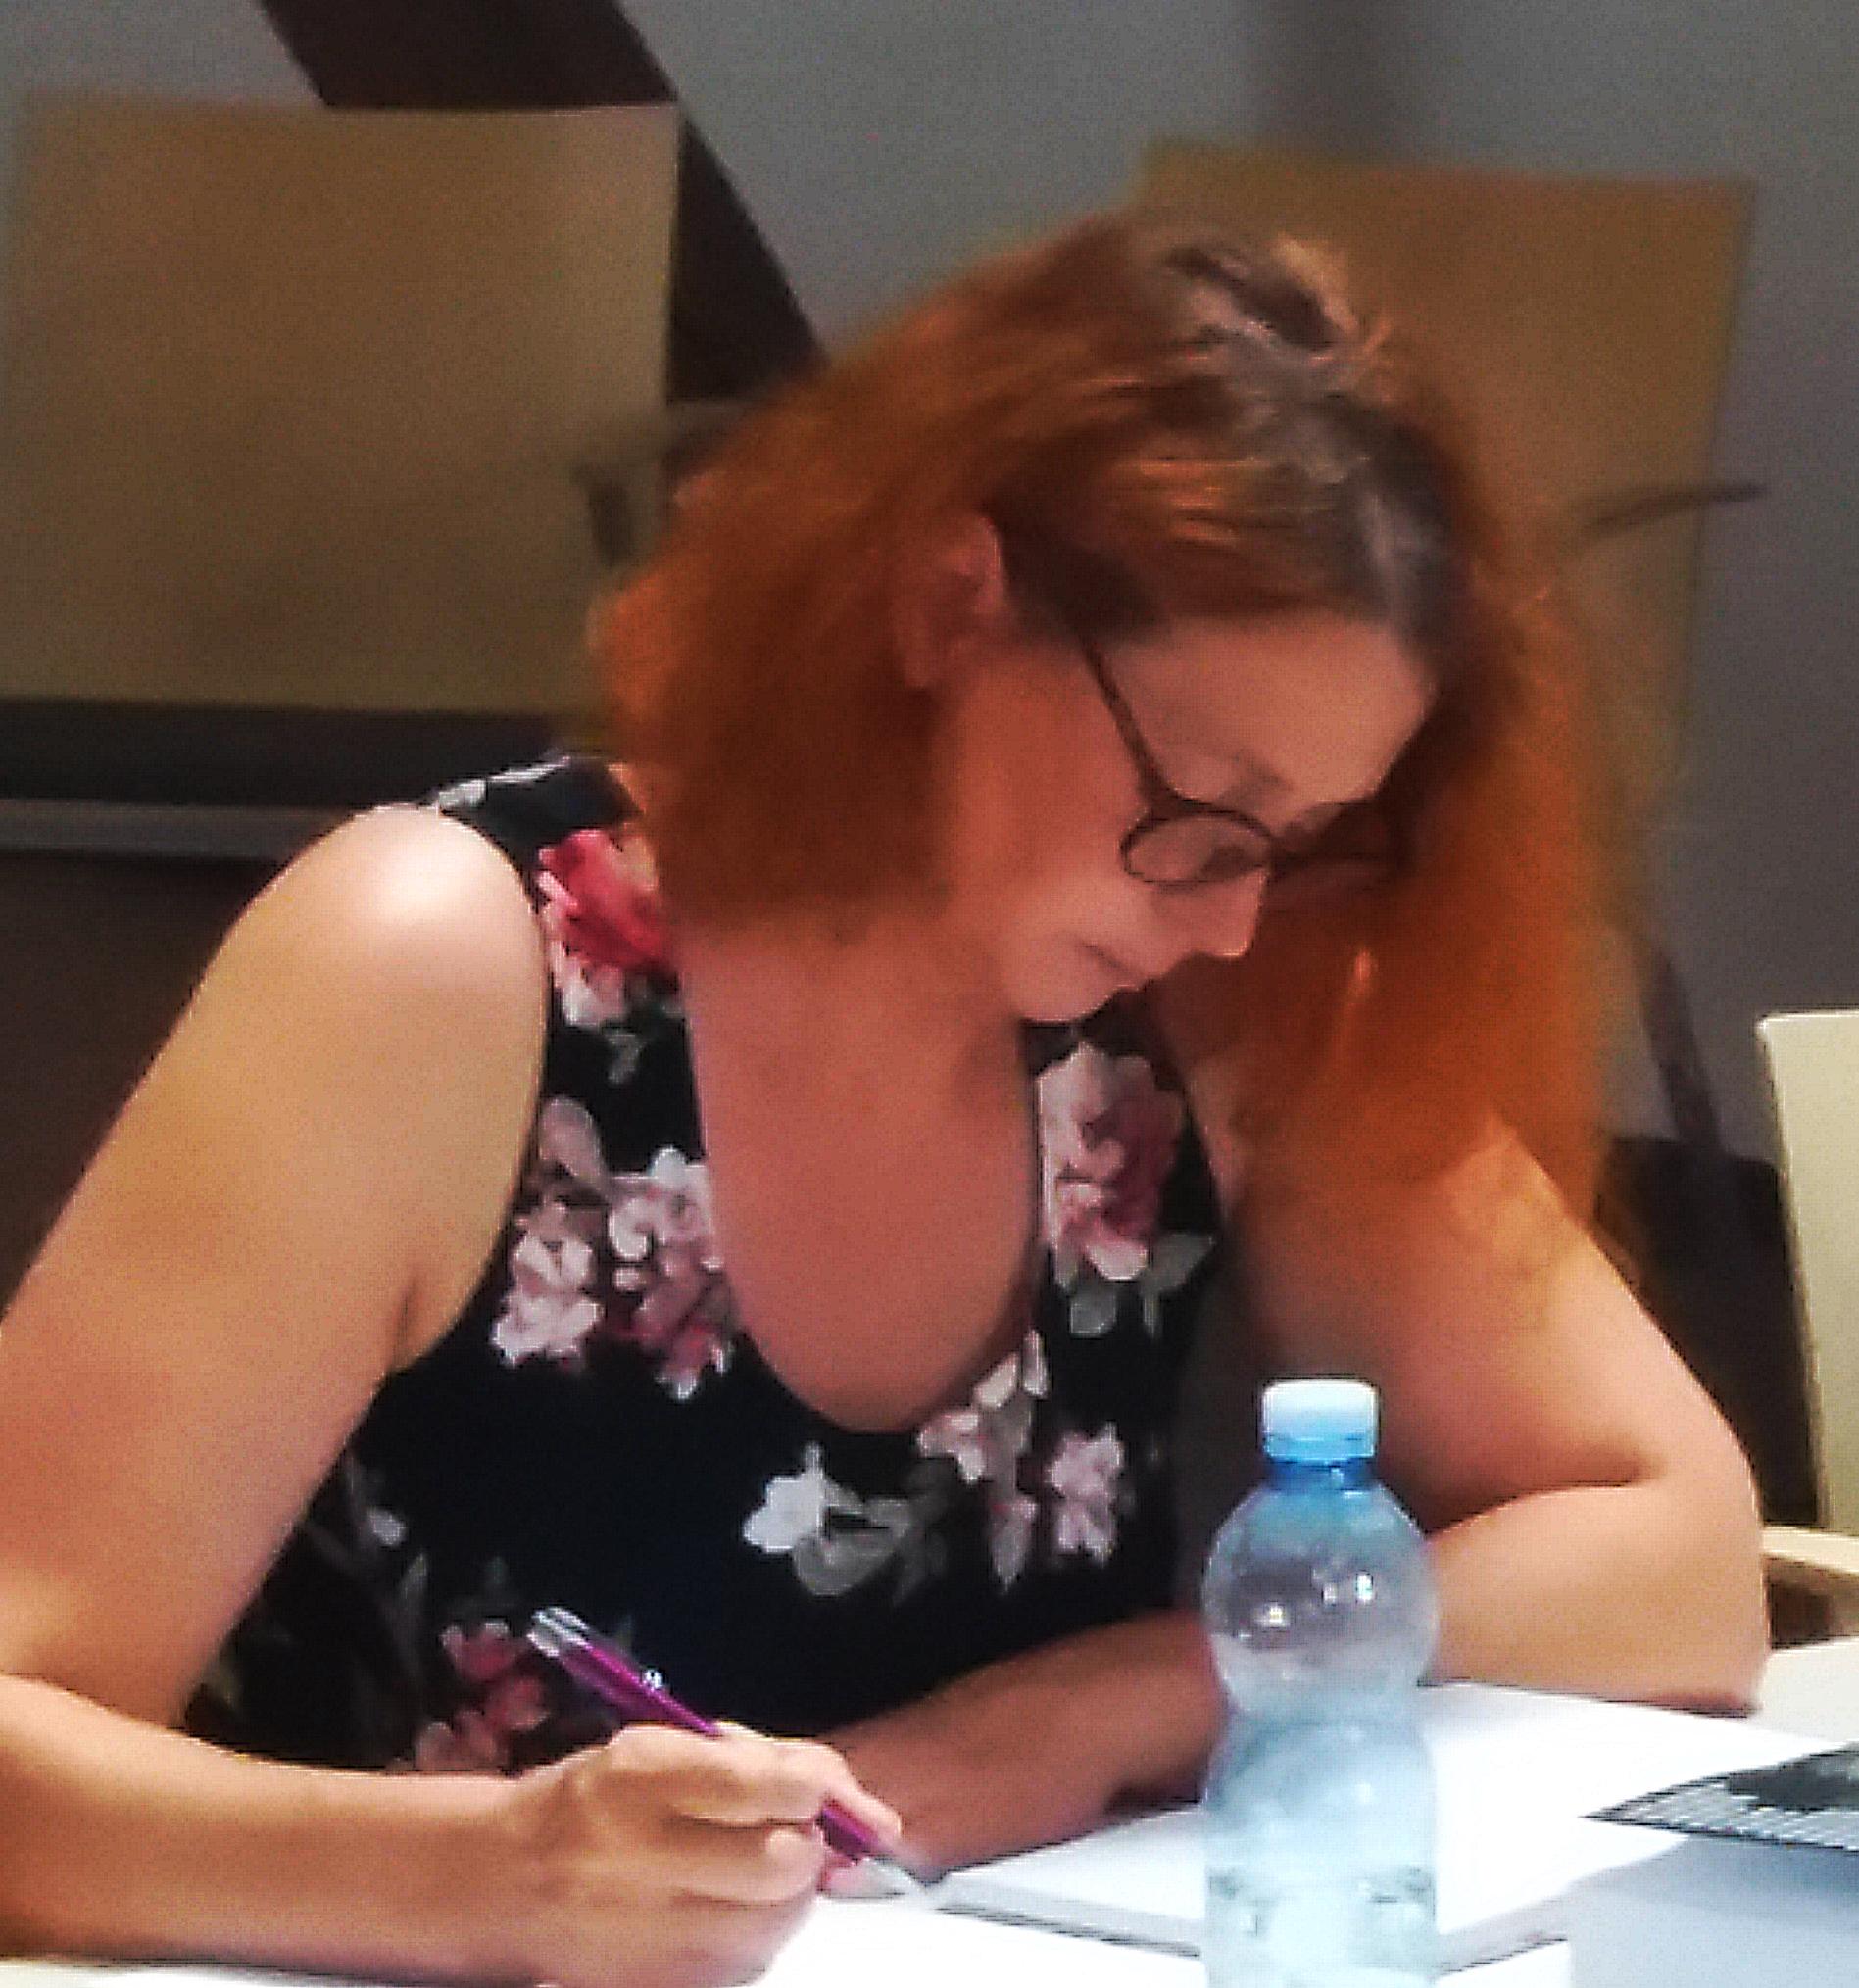 """Ilona Karmasch: """"Wunderbares Seminar, das mir sehr viel geholfen hat. Ich freue mich über weitere. Danke Martin."""""""